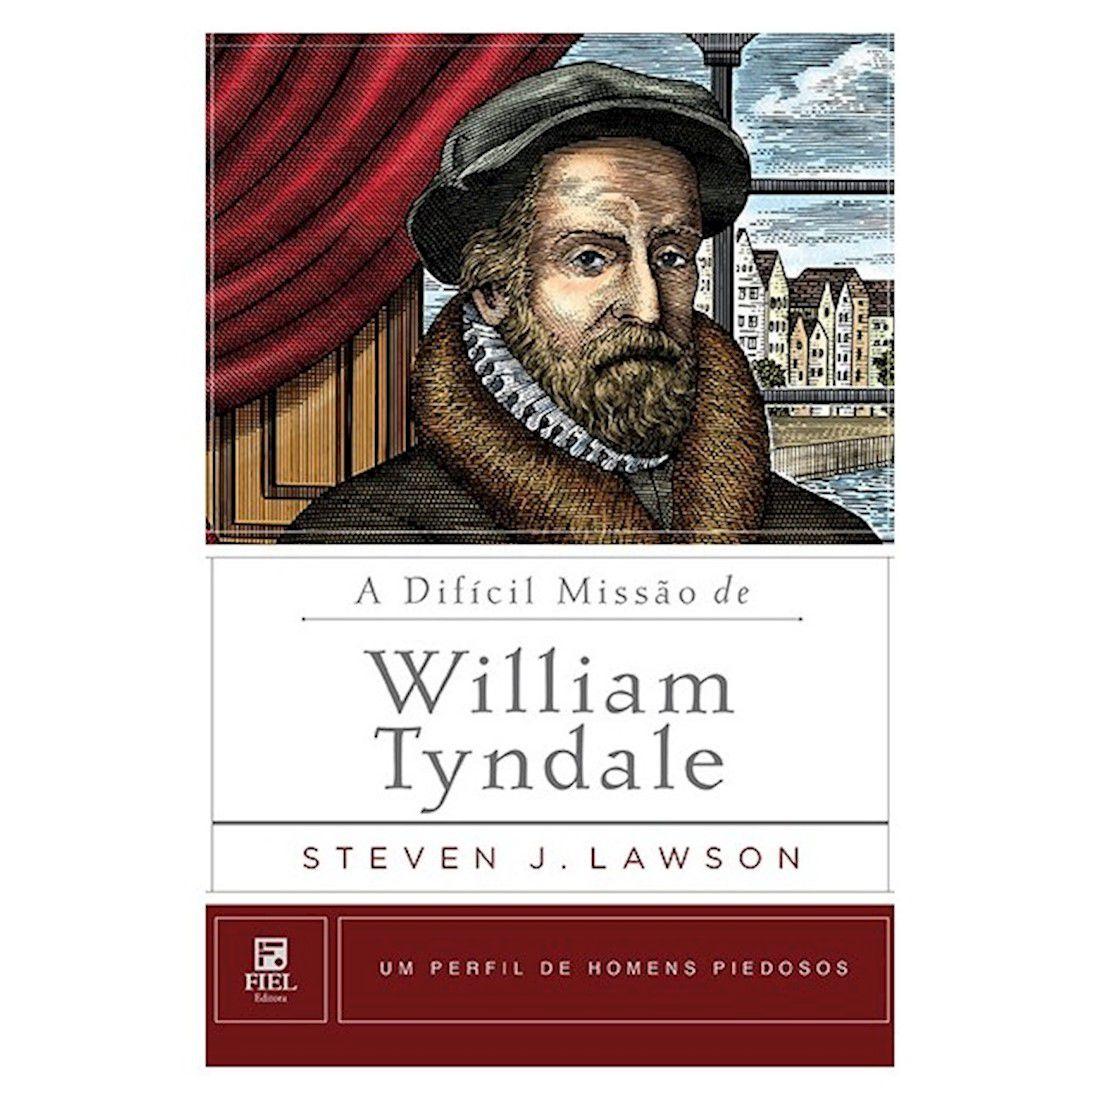 Livro A Difícil Missão de William Tyndale - Série Um Perfil de Homens Piedosos